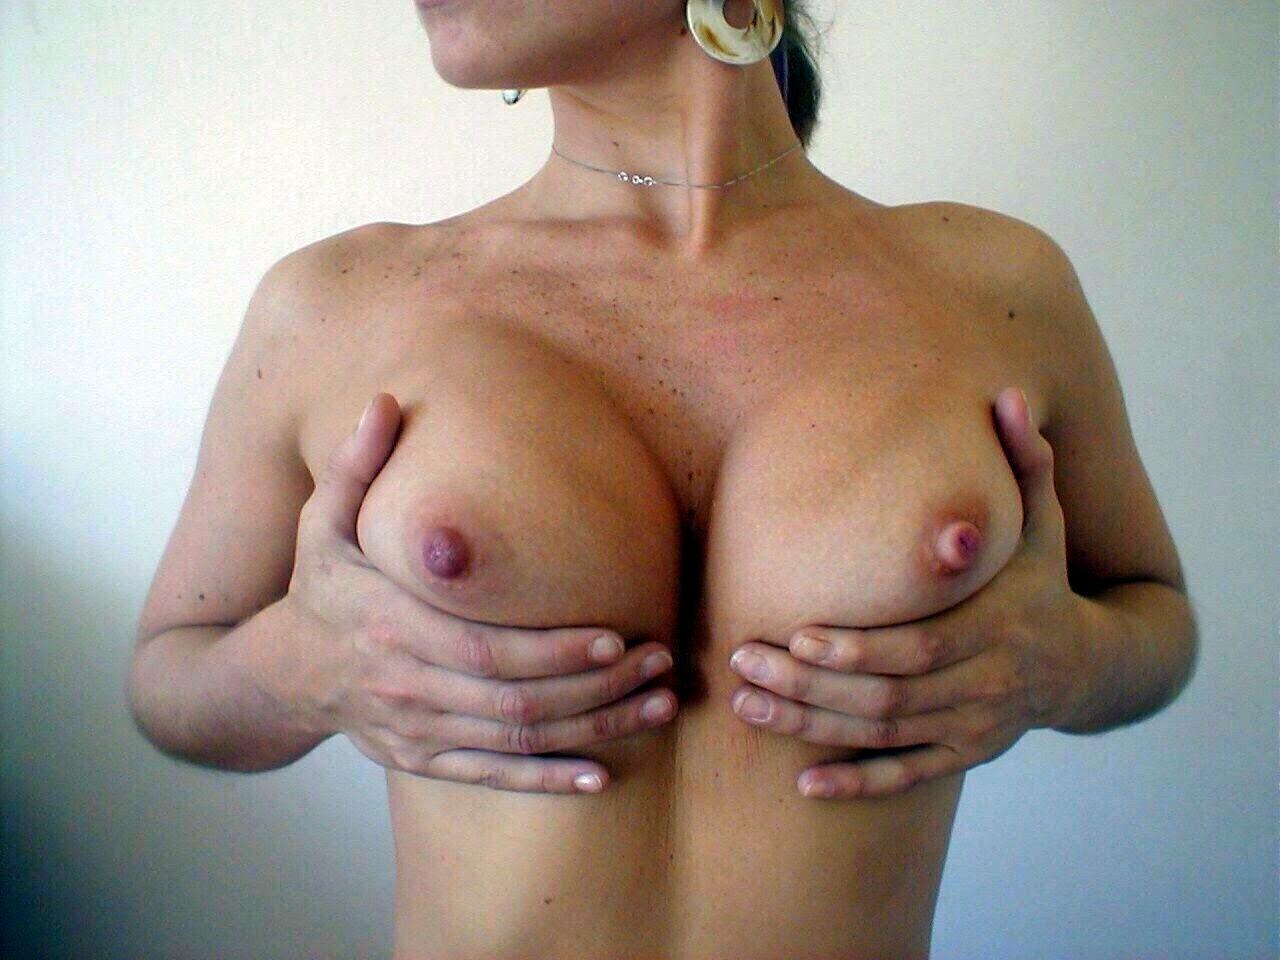 Ingrid Cruz, Calientes Fotos actriz Porno chilena